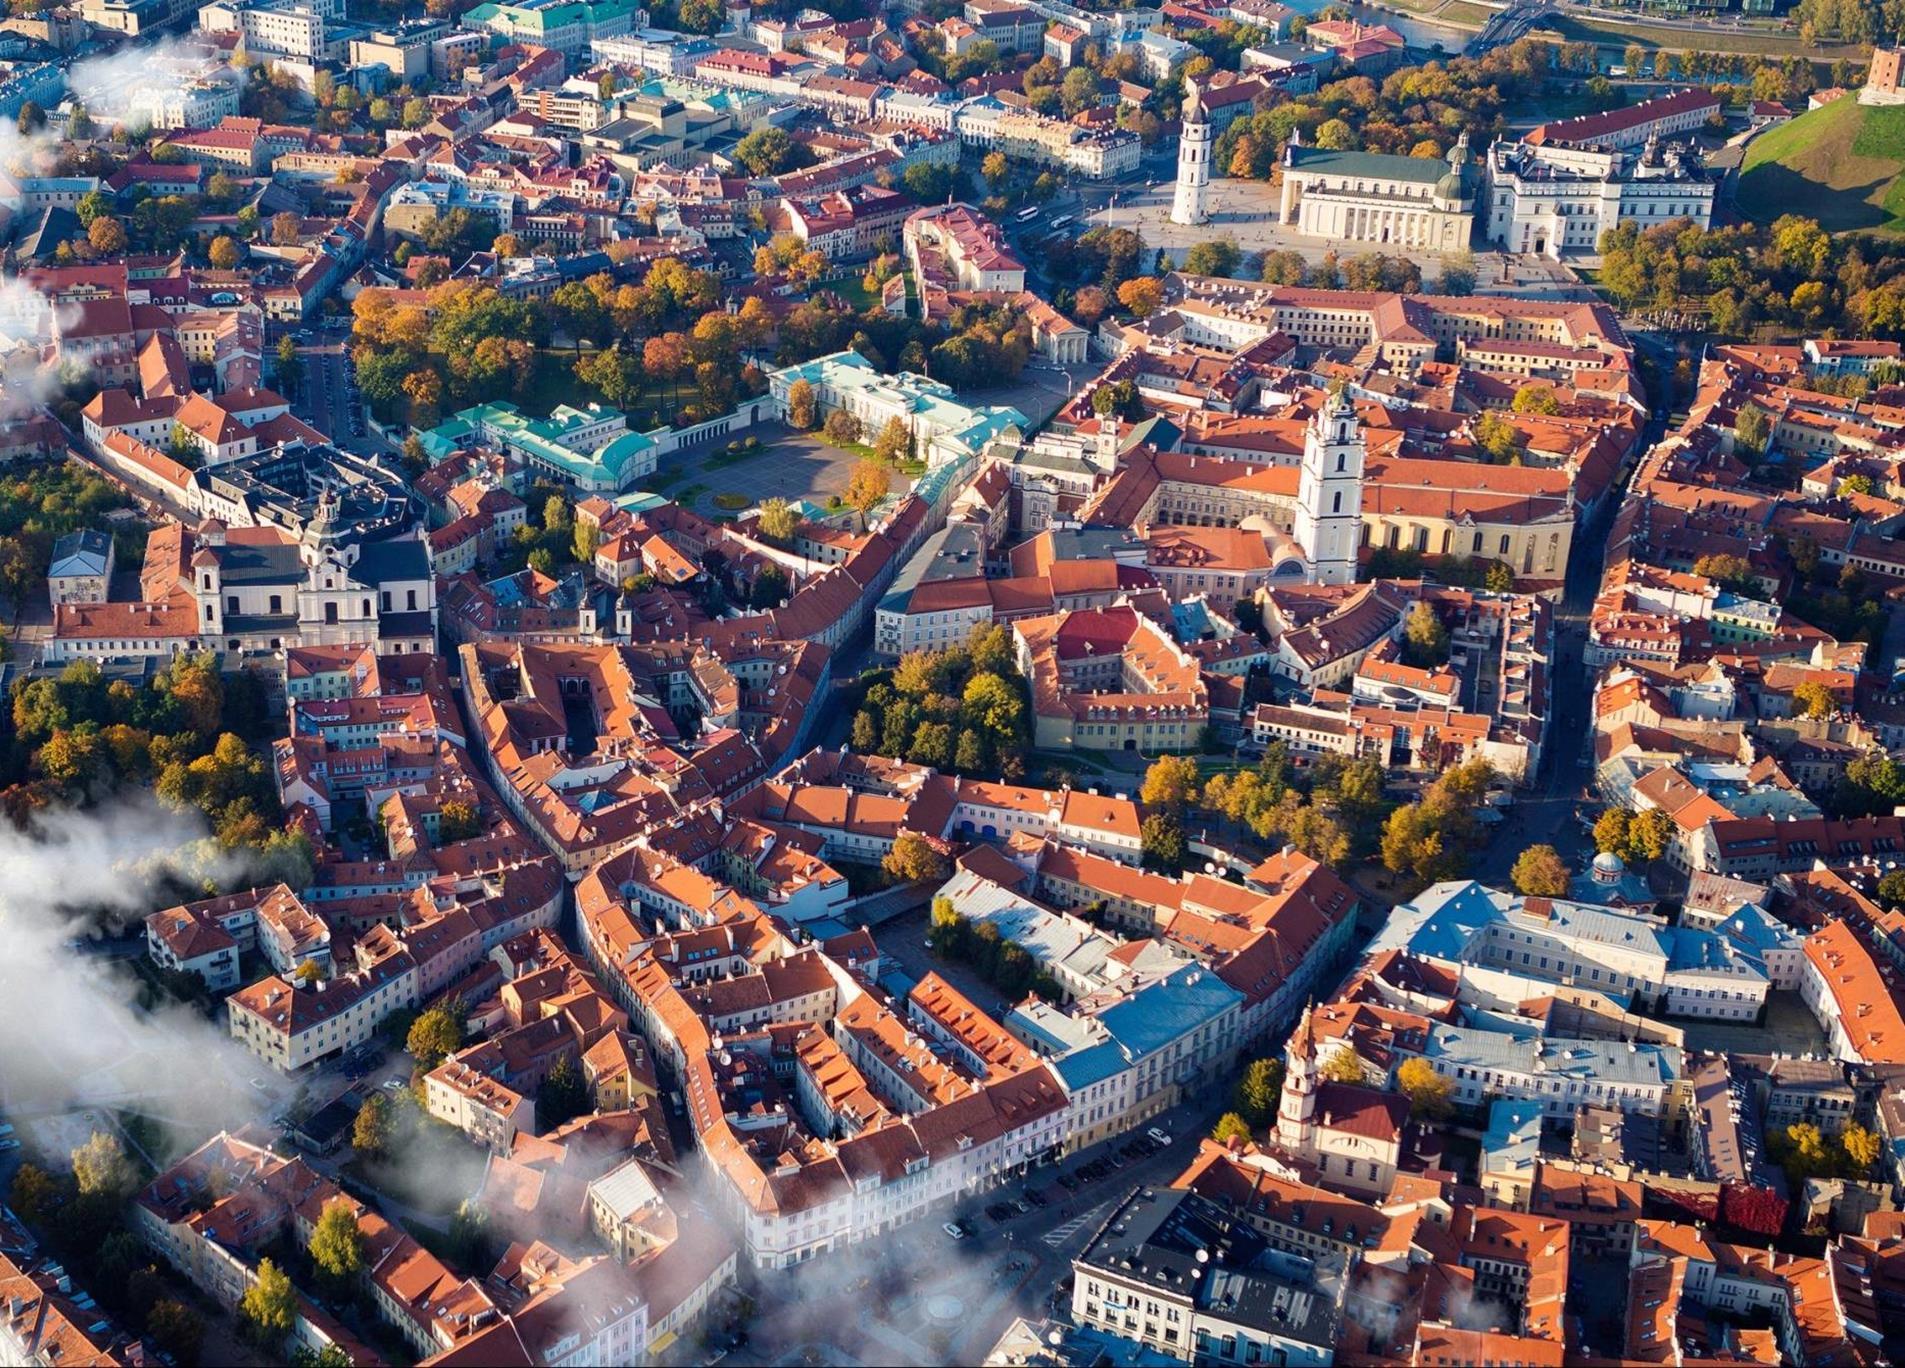 The City Center of Vilnius, Lithuania